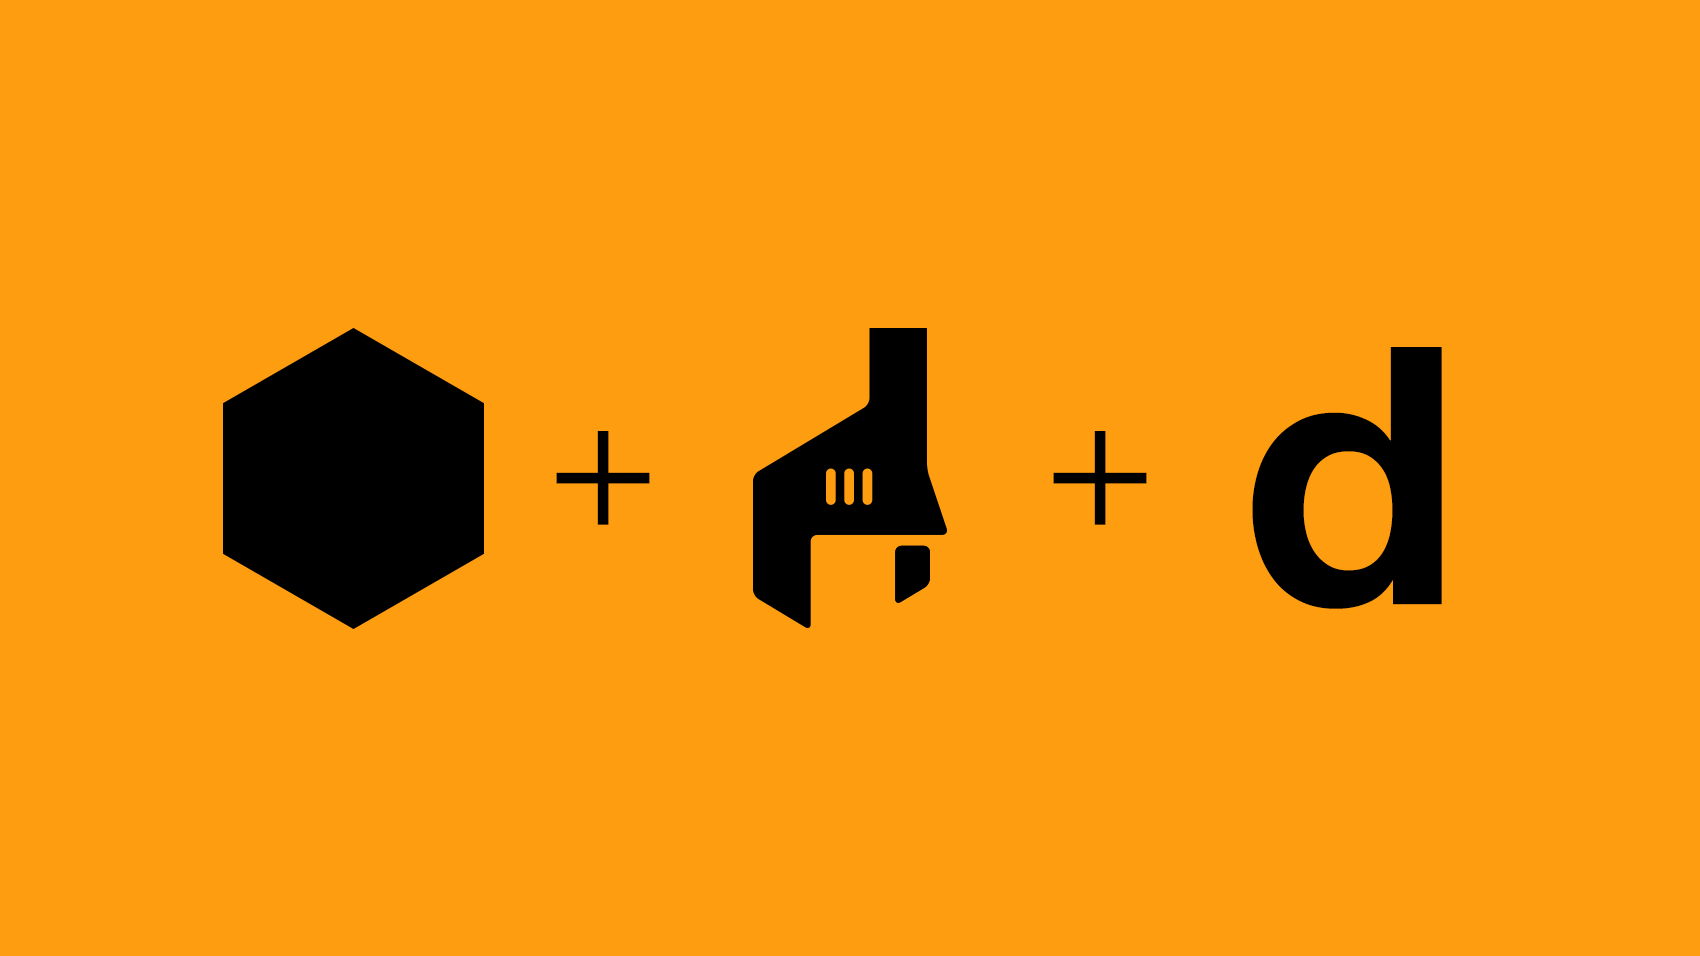 ロゴの成り立ち